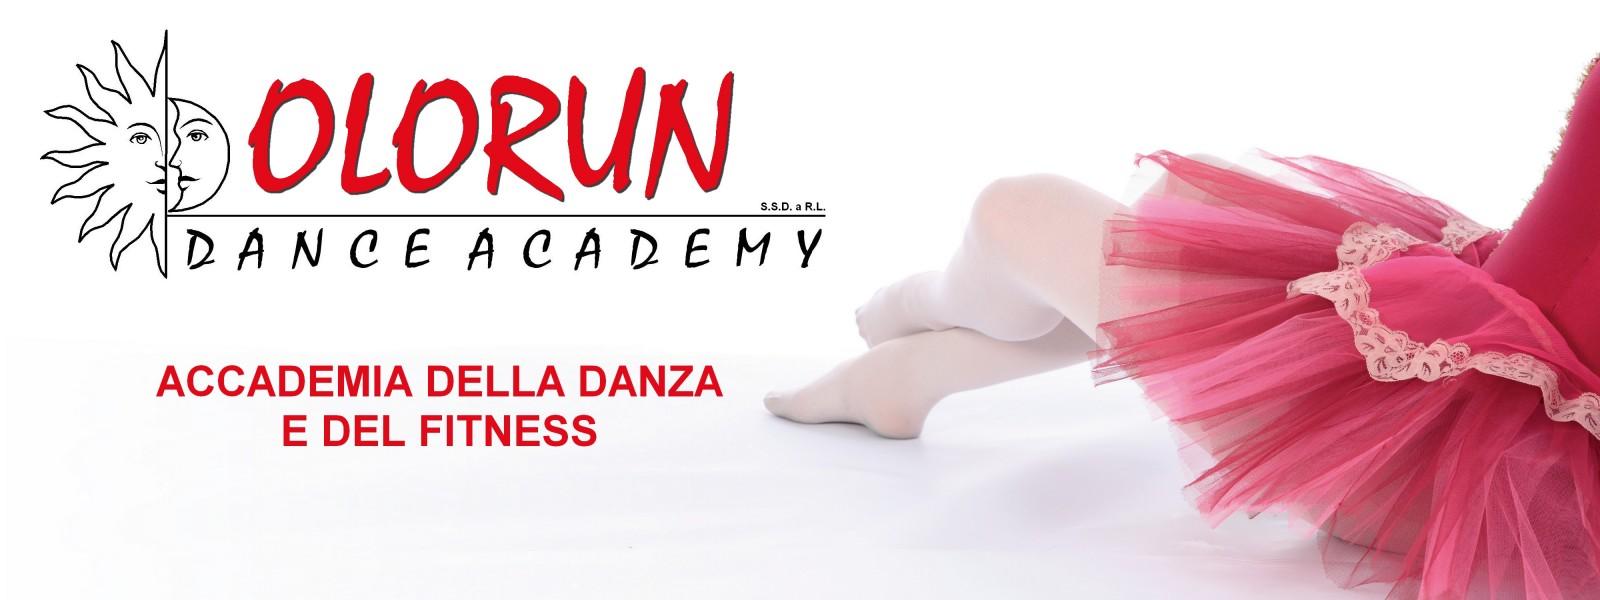 Olorun Dance Academy